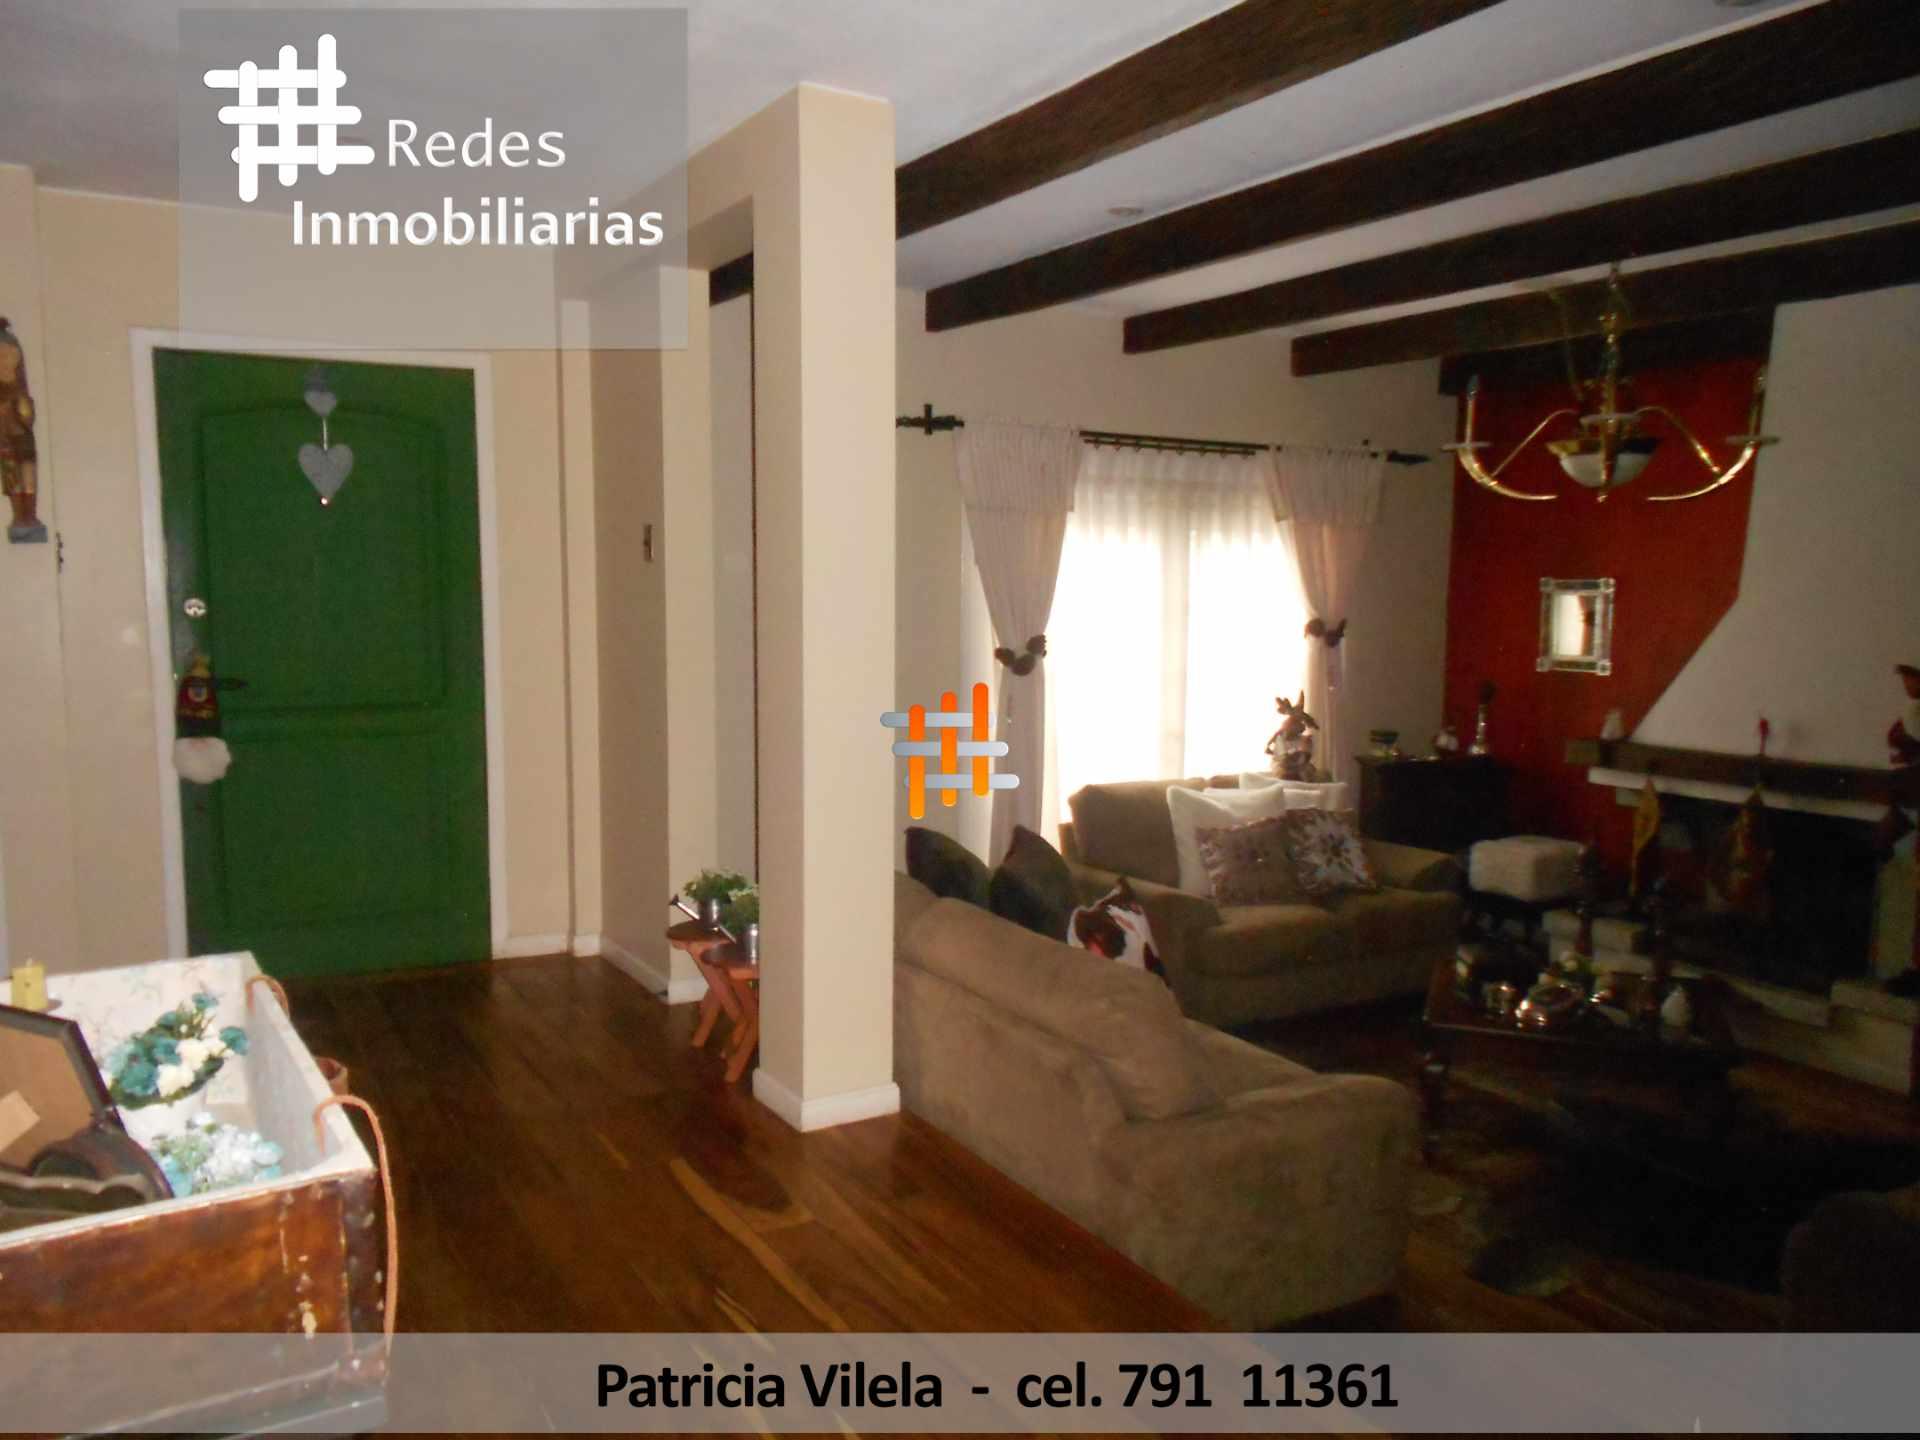 Casa en Venta HERMOSA CASA EN VENTA EN ACHUMANI URBANIZACION PRIVADA UNICA EN SU ESTILO TOTALMENTE AUTENTICA HERMOSA  Foto 23